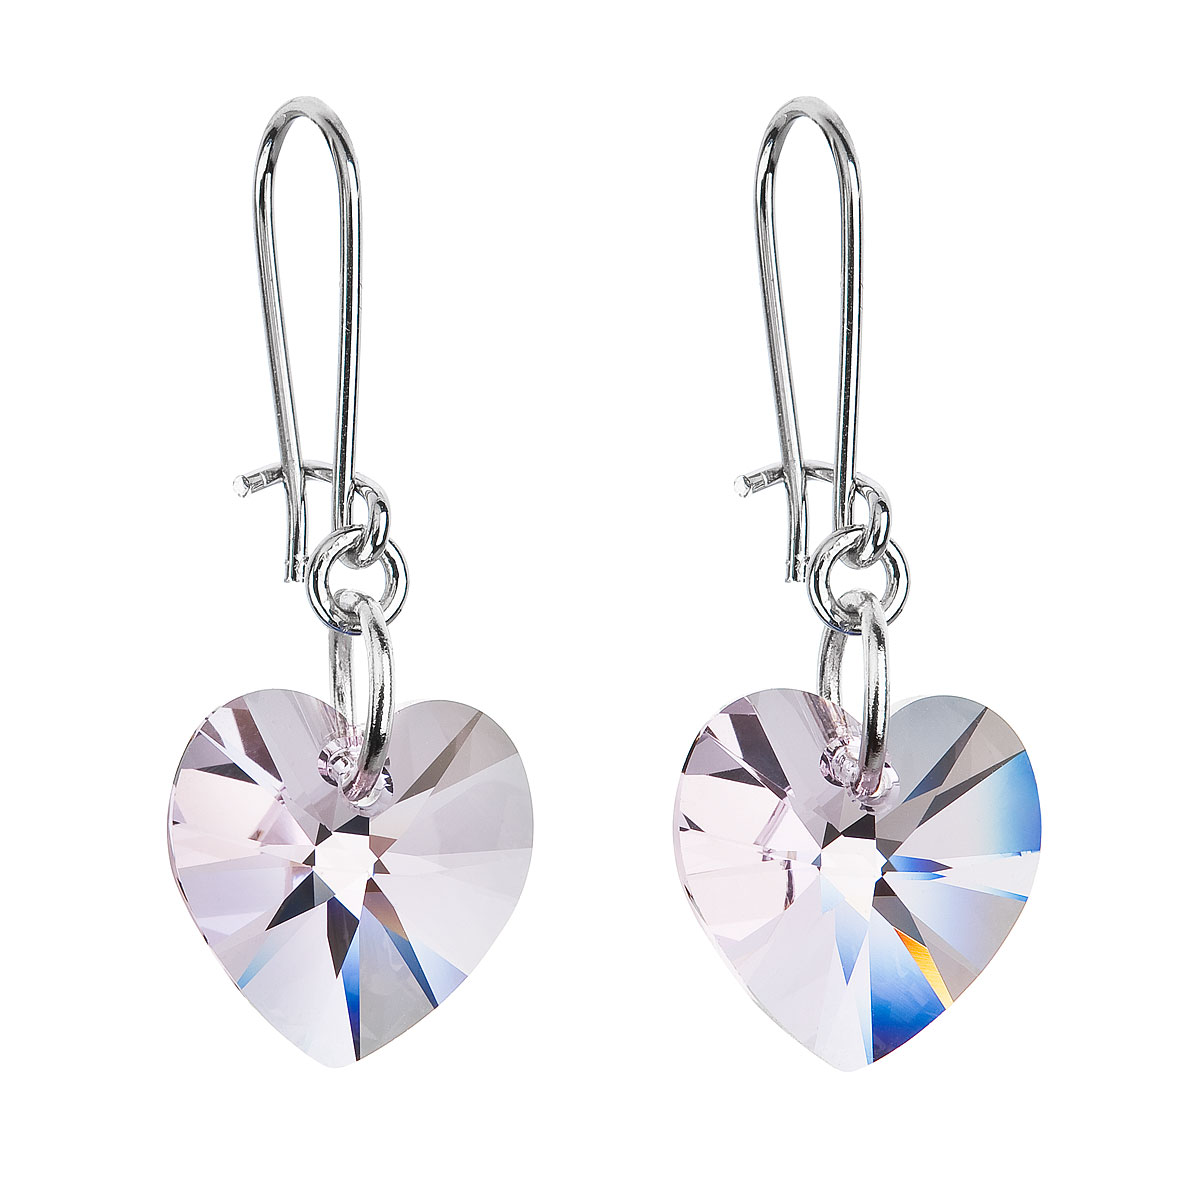 Náušnice se Swarovski krystaly růžová srdce 56001.3 rose